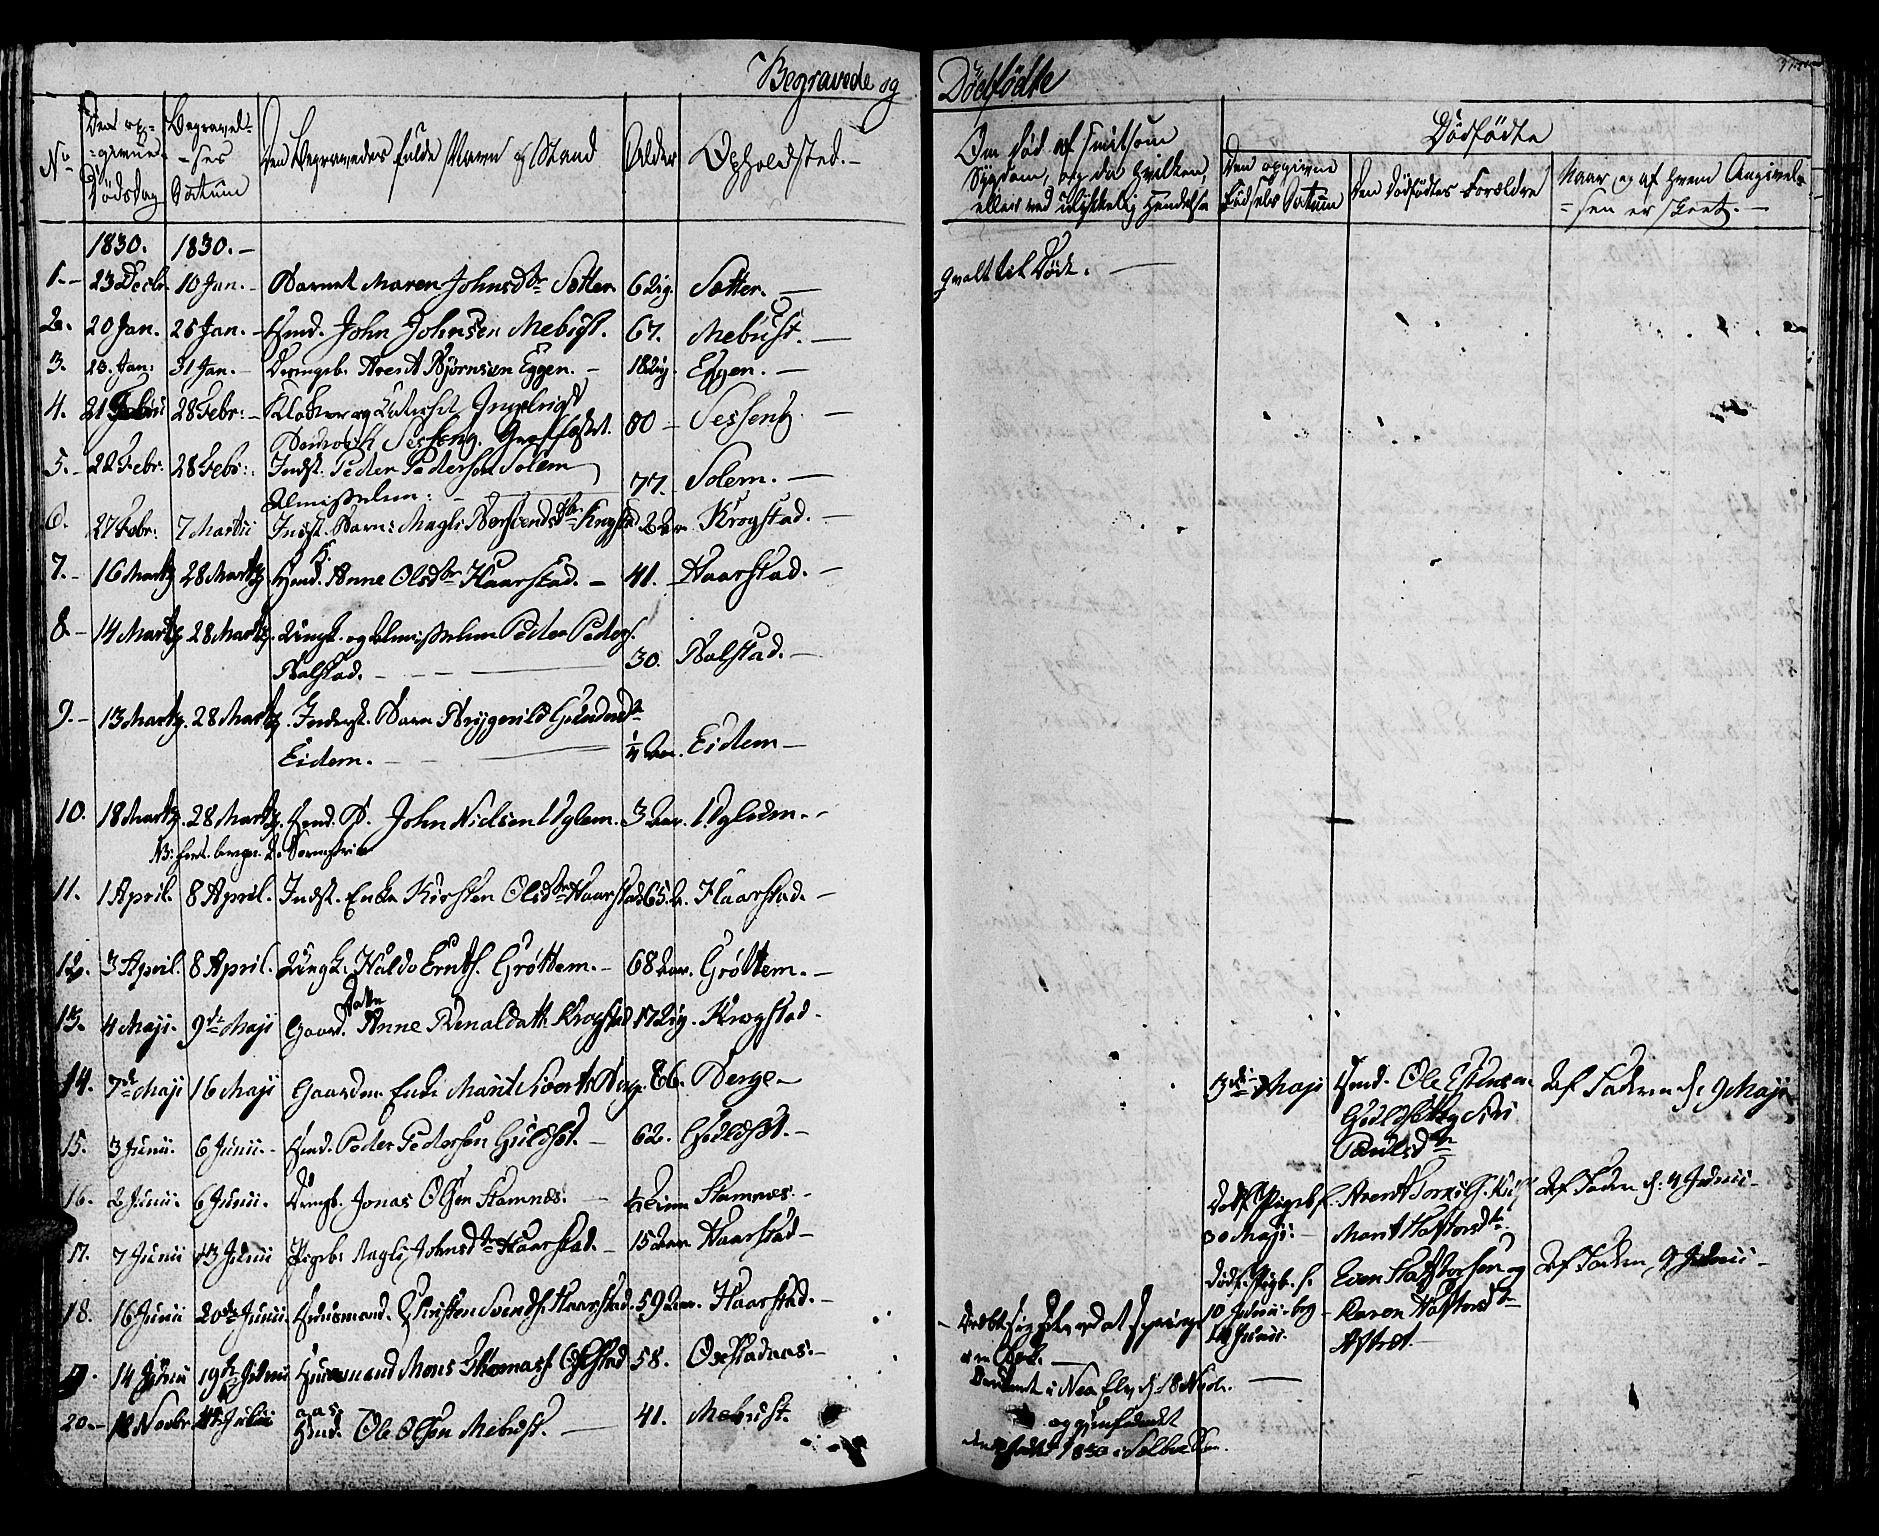 SAT, Ministerialprotokoller, klokkerbøker og fødselsregistre - Sør-Trøndelag, 695/L1143: Ministerialbok nr. 695A05 /1, 1824-1842, s. 374